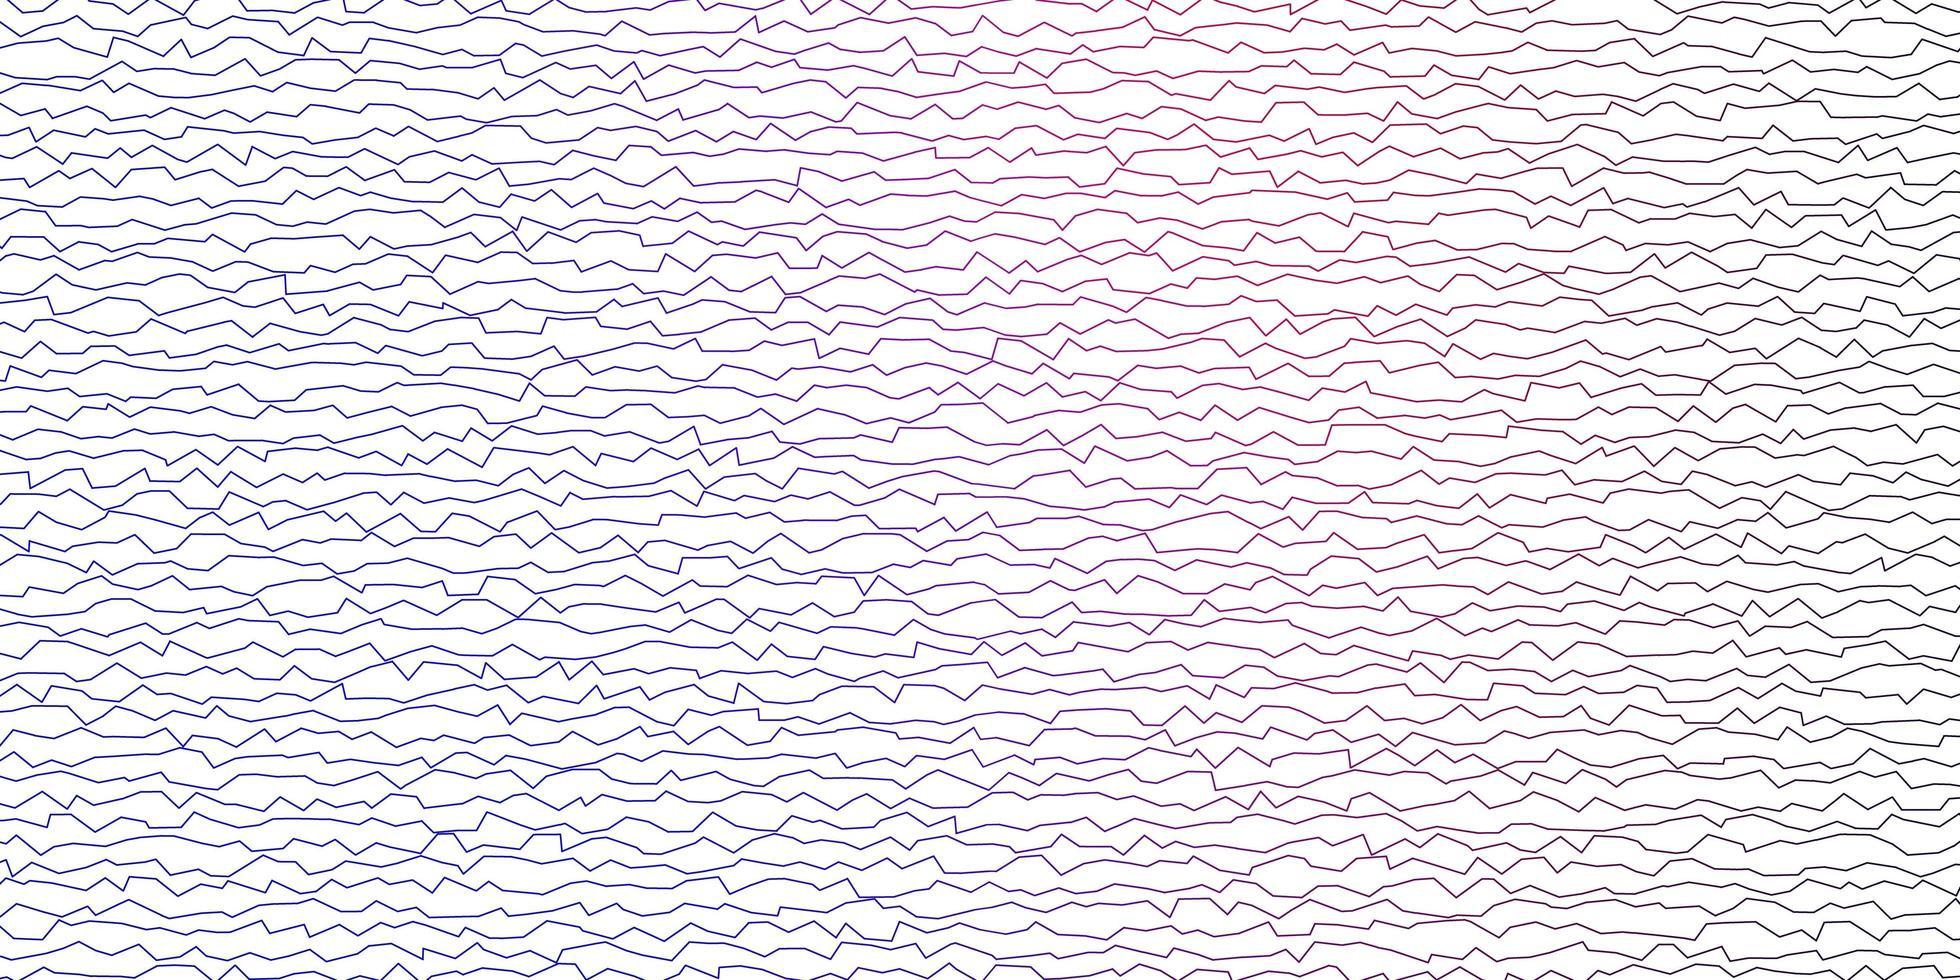 mörkblå, röd vektorbakgrund med böjda linjer. vektor